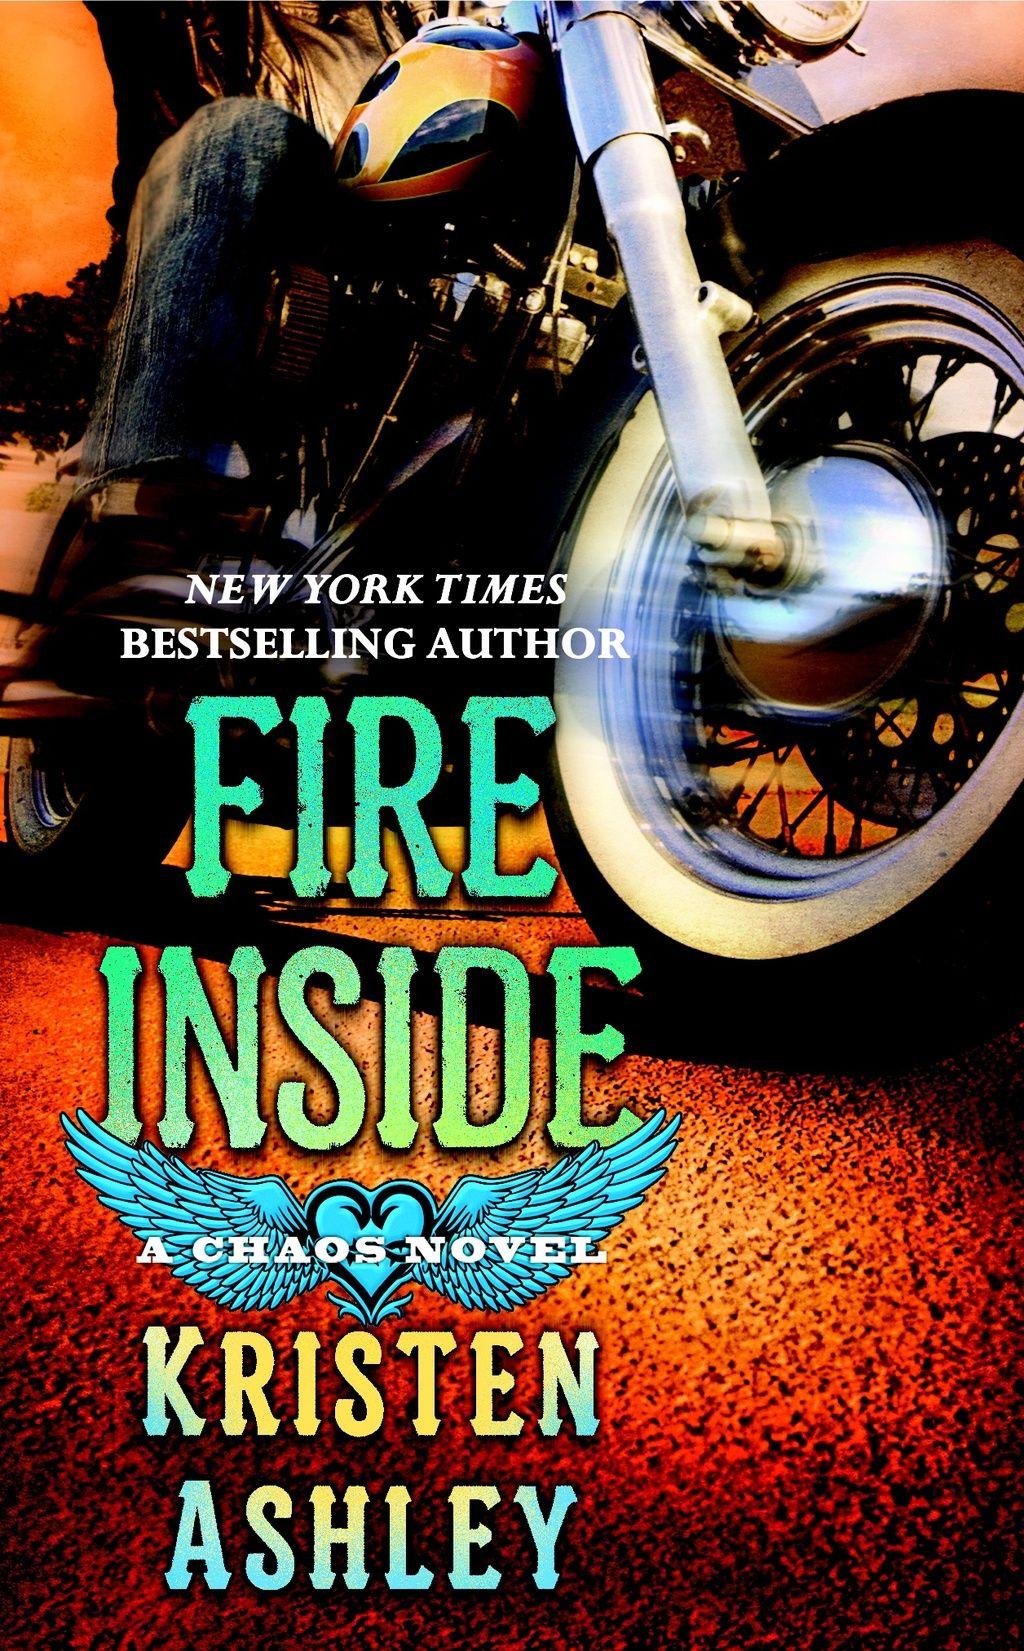 Fire inside kristen ashley books kristen ashley fire